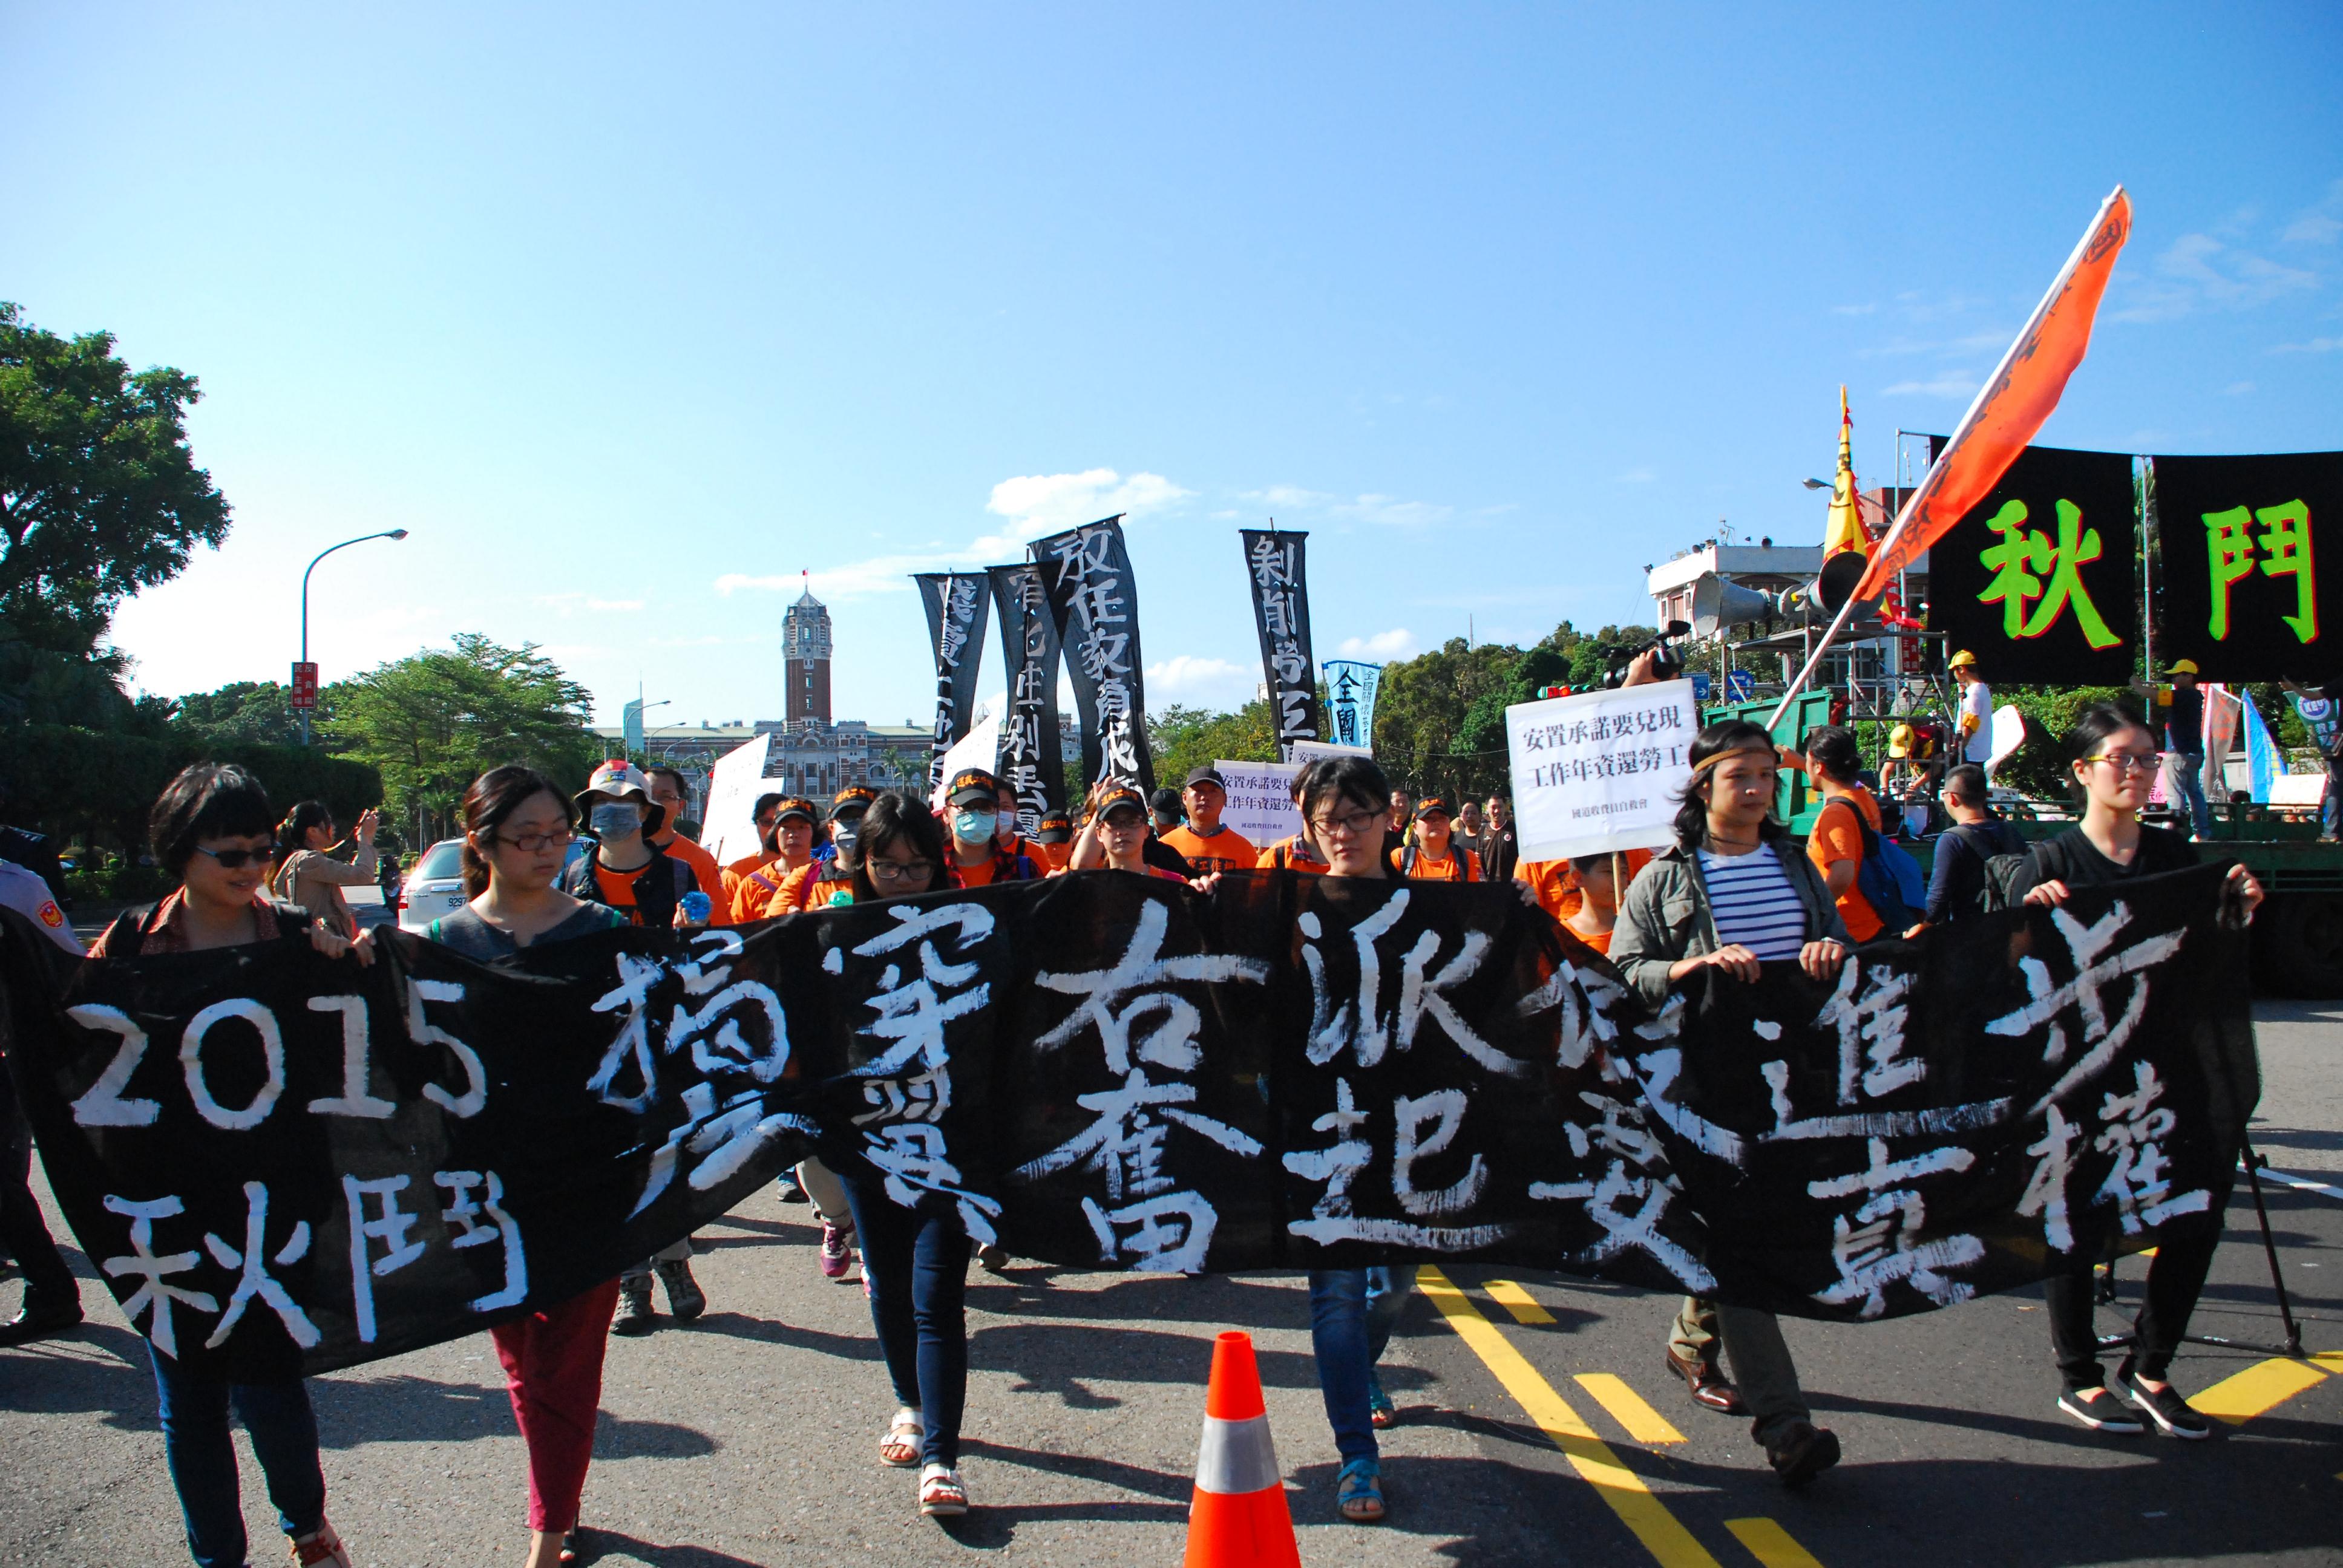 遊行隊伍從凱道出發,參加群眾拉著寫有此次秋鬥口號的布條前進。 圖/鄭晏欣攝